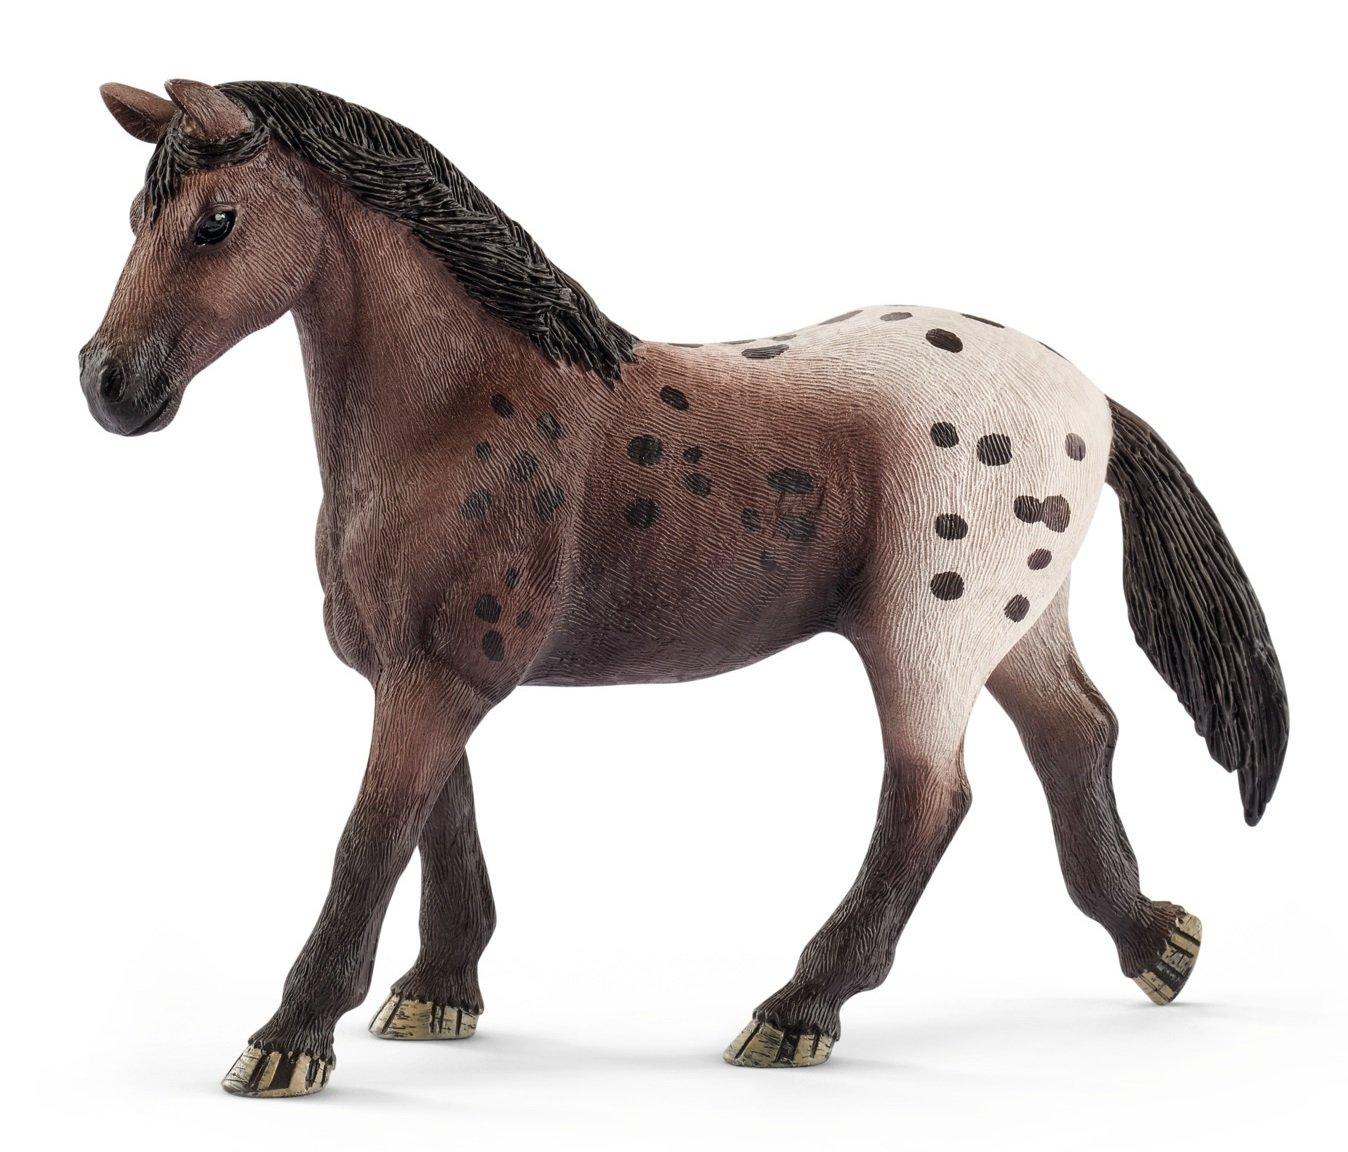 Schleich Appaloosa Mare Toy Figurine